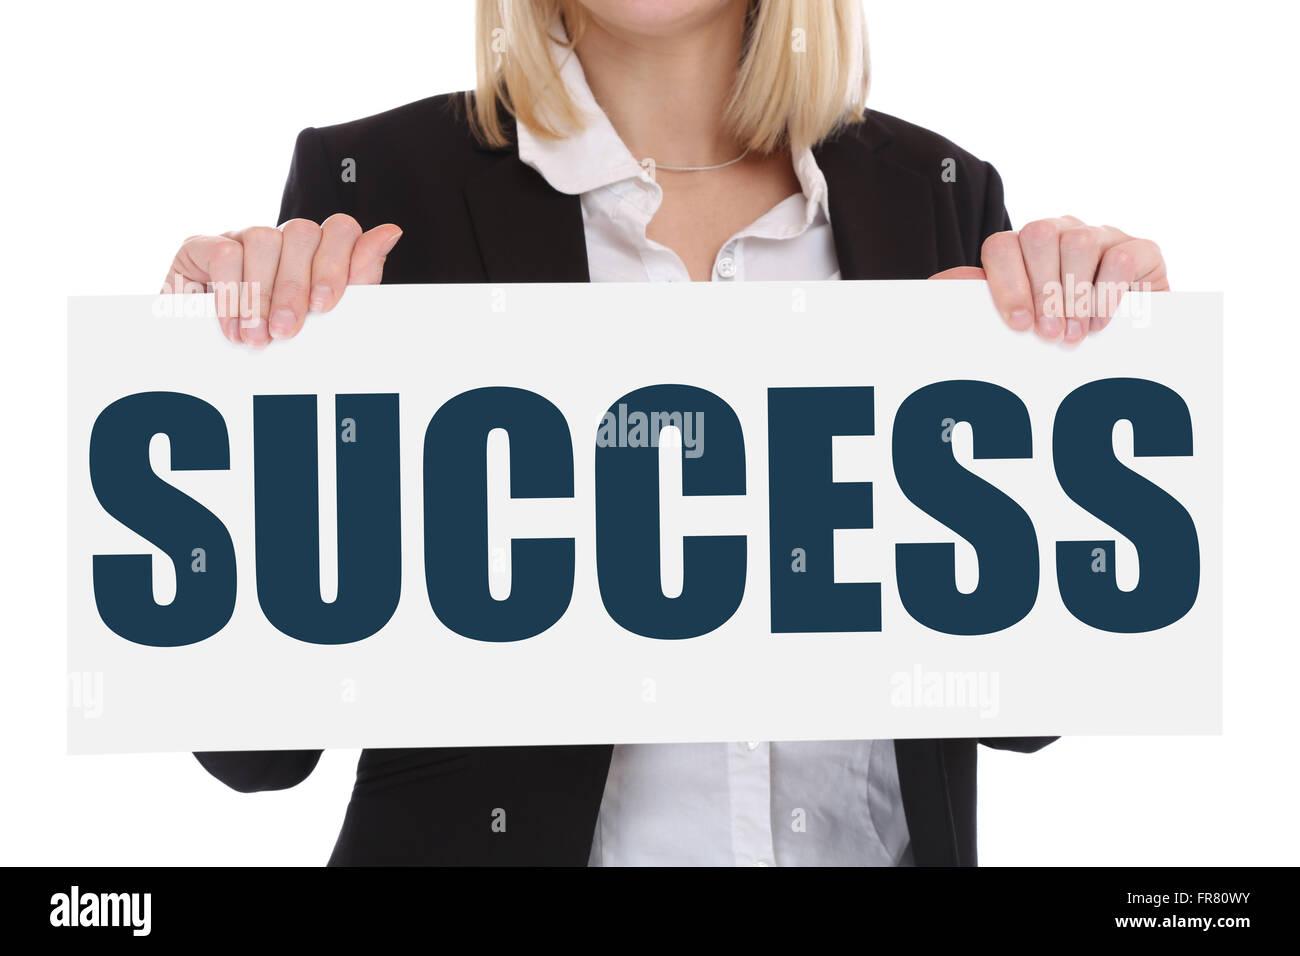 Erfolg Wachstumserfolge Finanzen Karriere Business Konzept Führung Leistung Stockbild